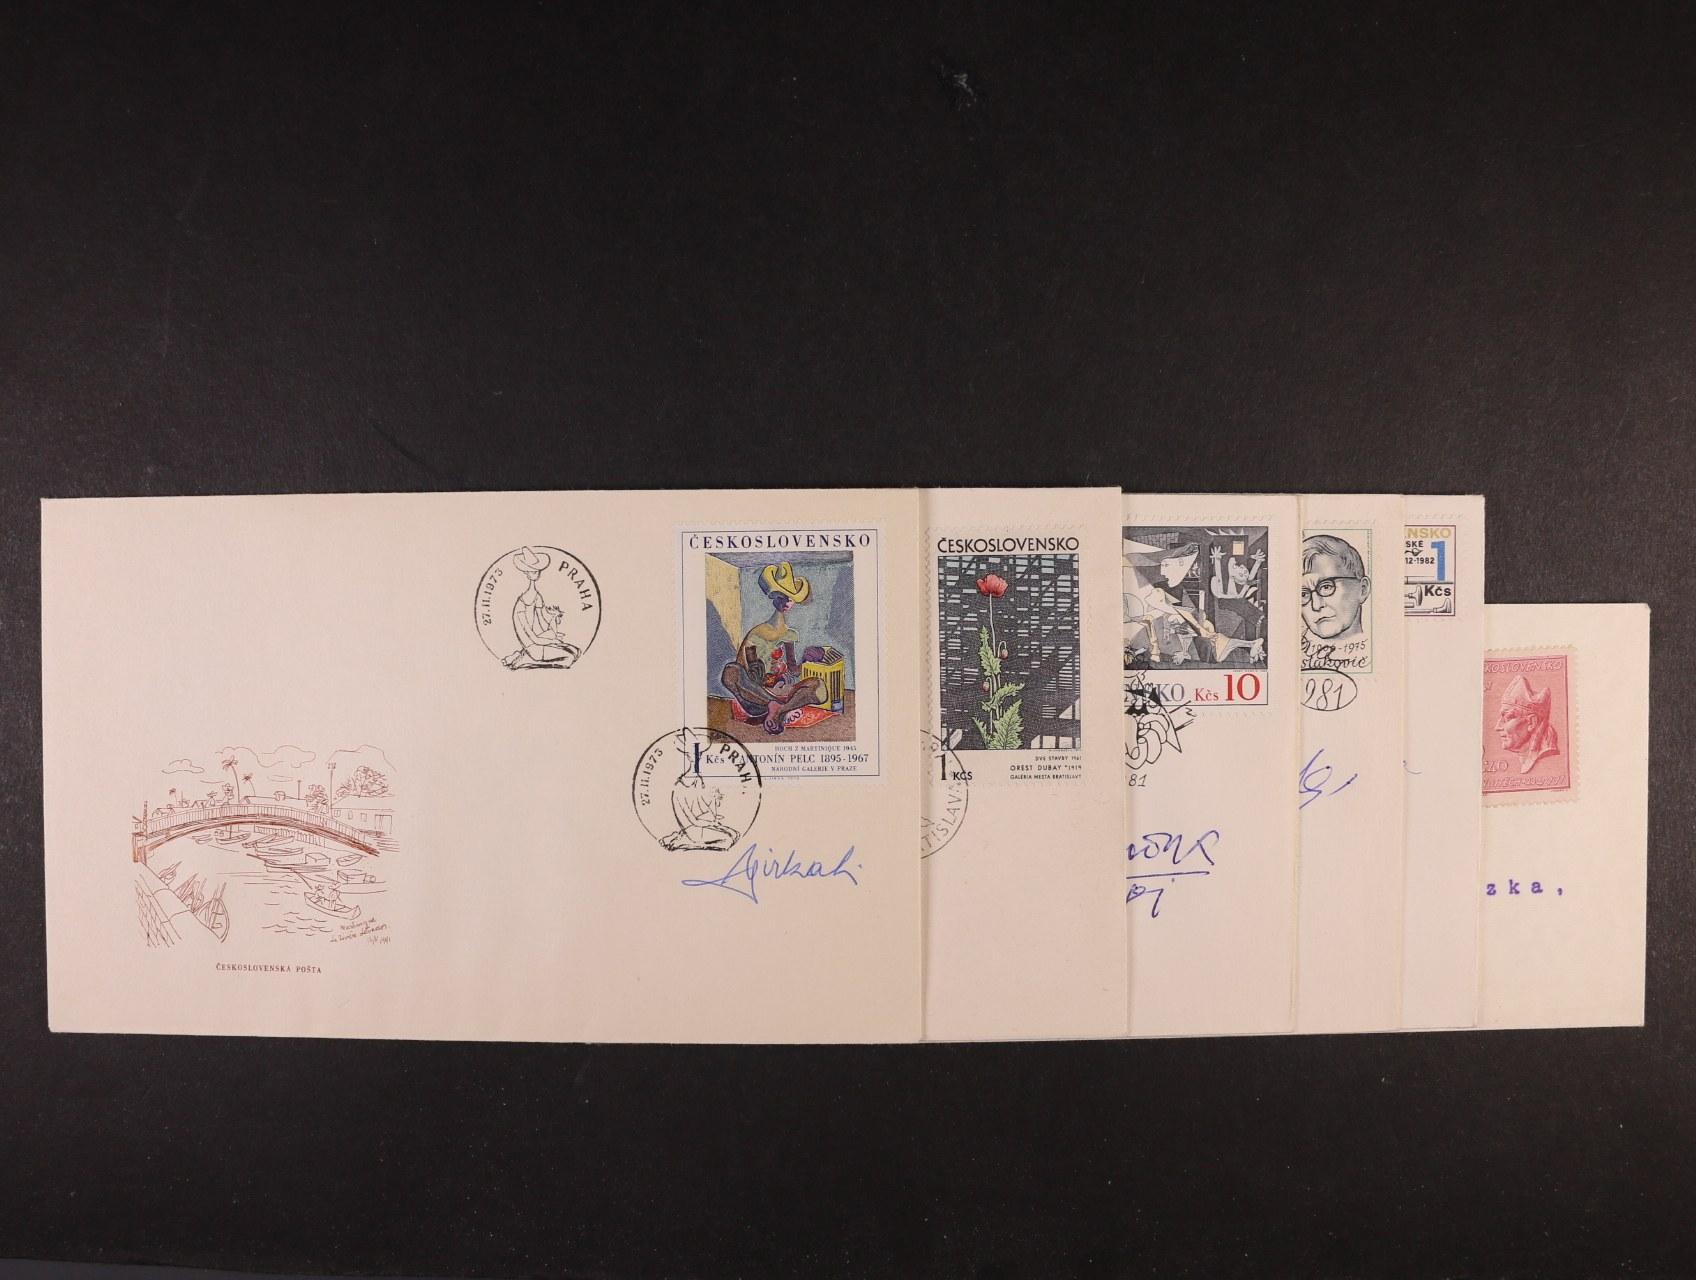 sestava 6 ks FDC s podpisy rytců L. Jirka, M. Ondráček, J. Herčík, B. Housa, K. Svolinský, J. Švengsbír